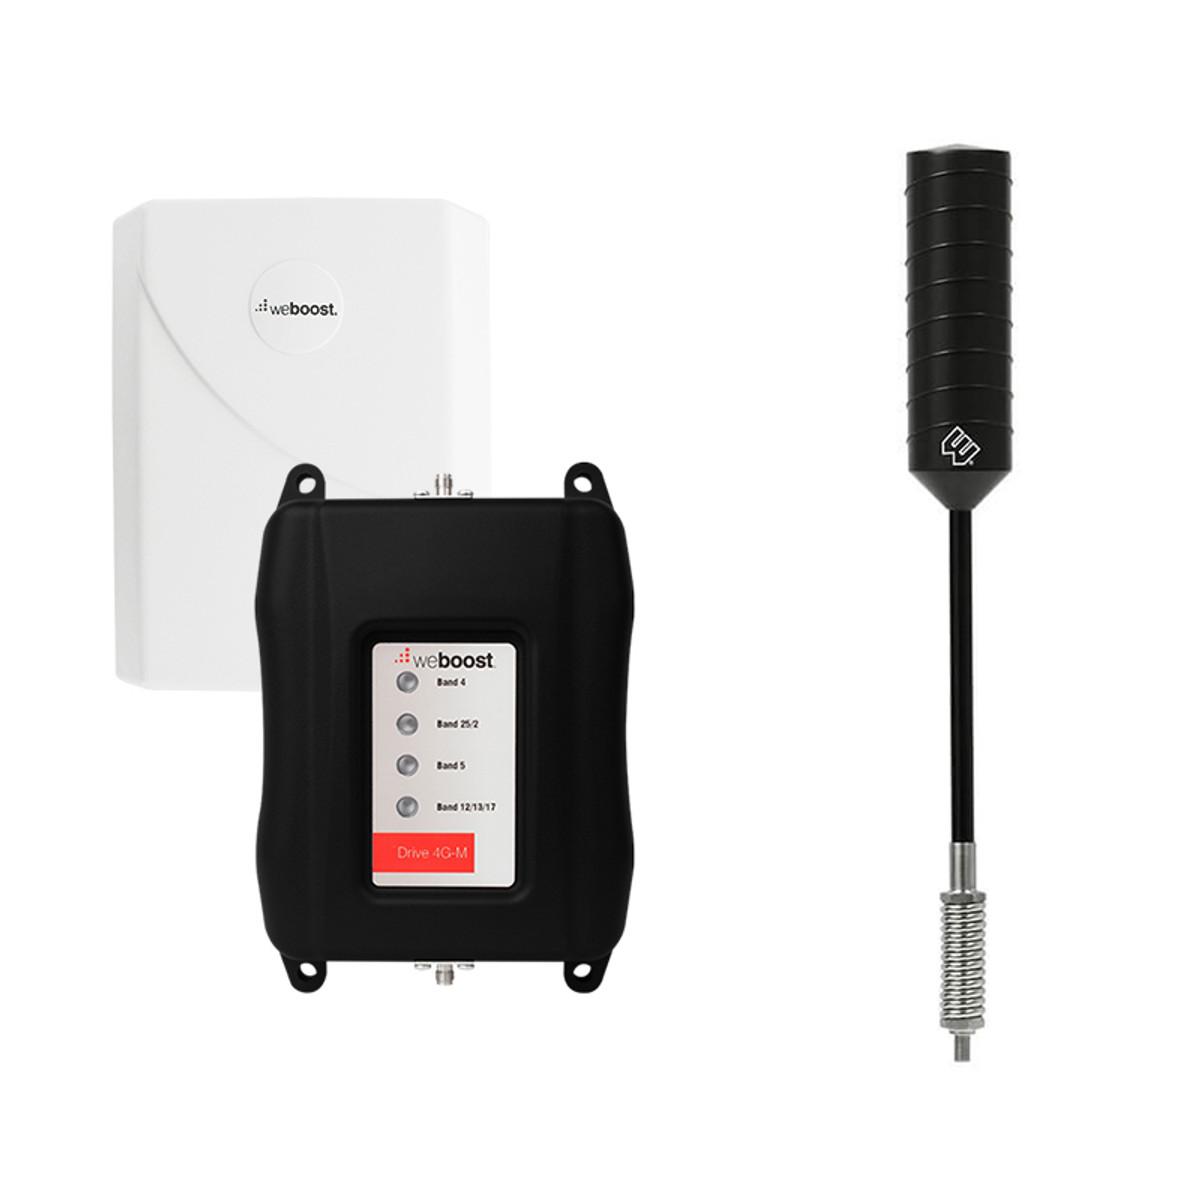 weBoost Drive 4G-M + RV Trucker Essentials Kit | 470108-RV